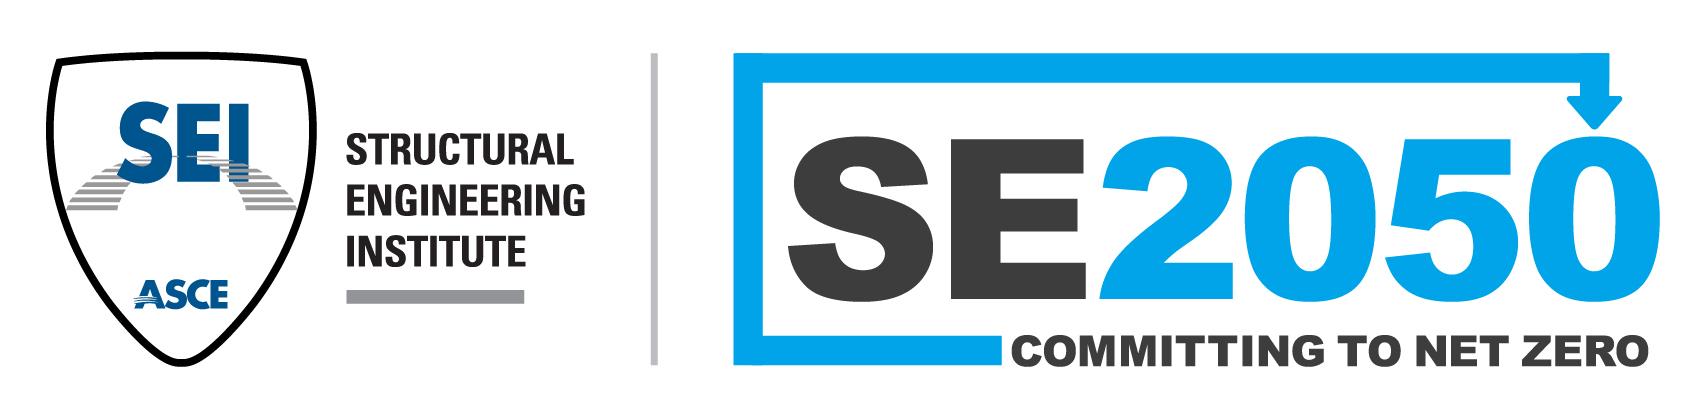 SEI_SE2050_NetZero_logo_color